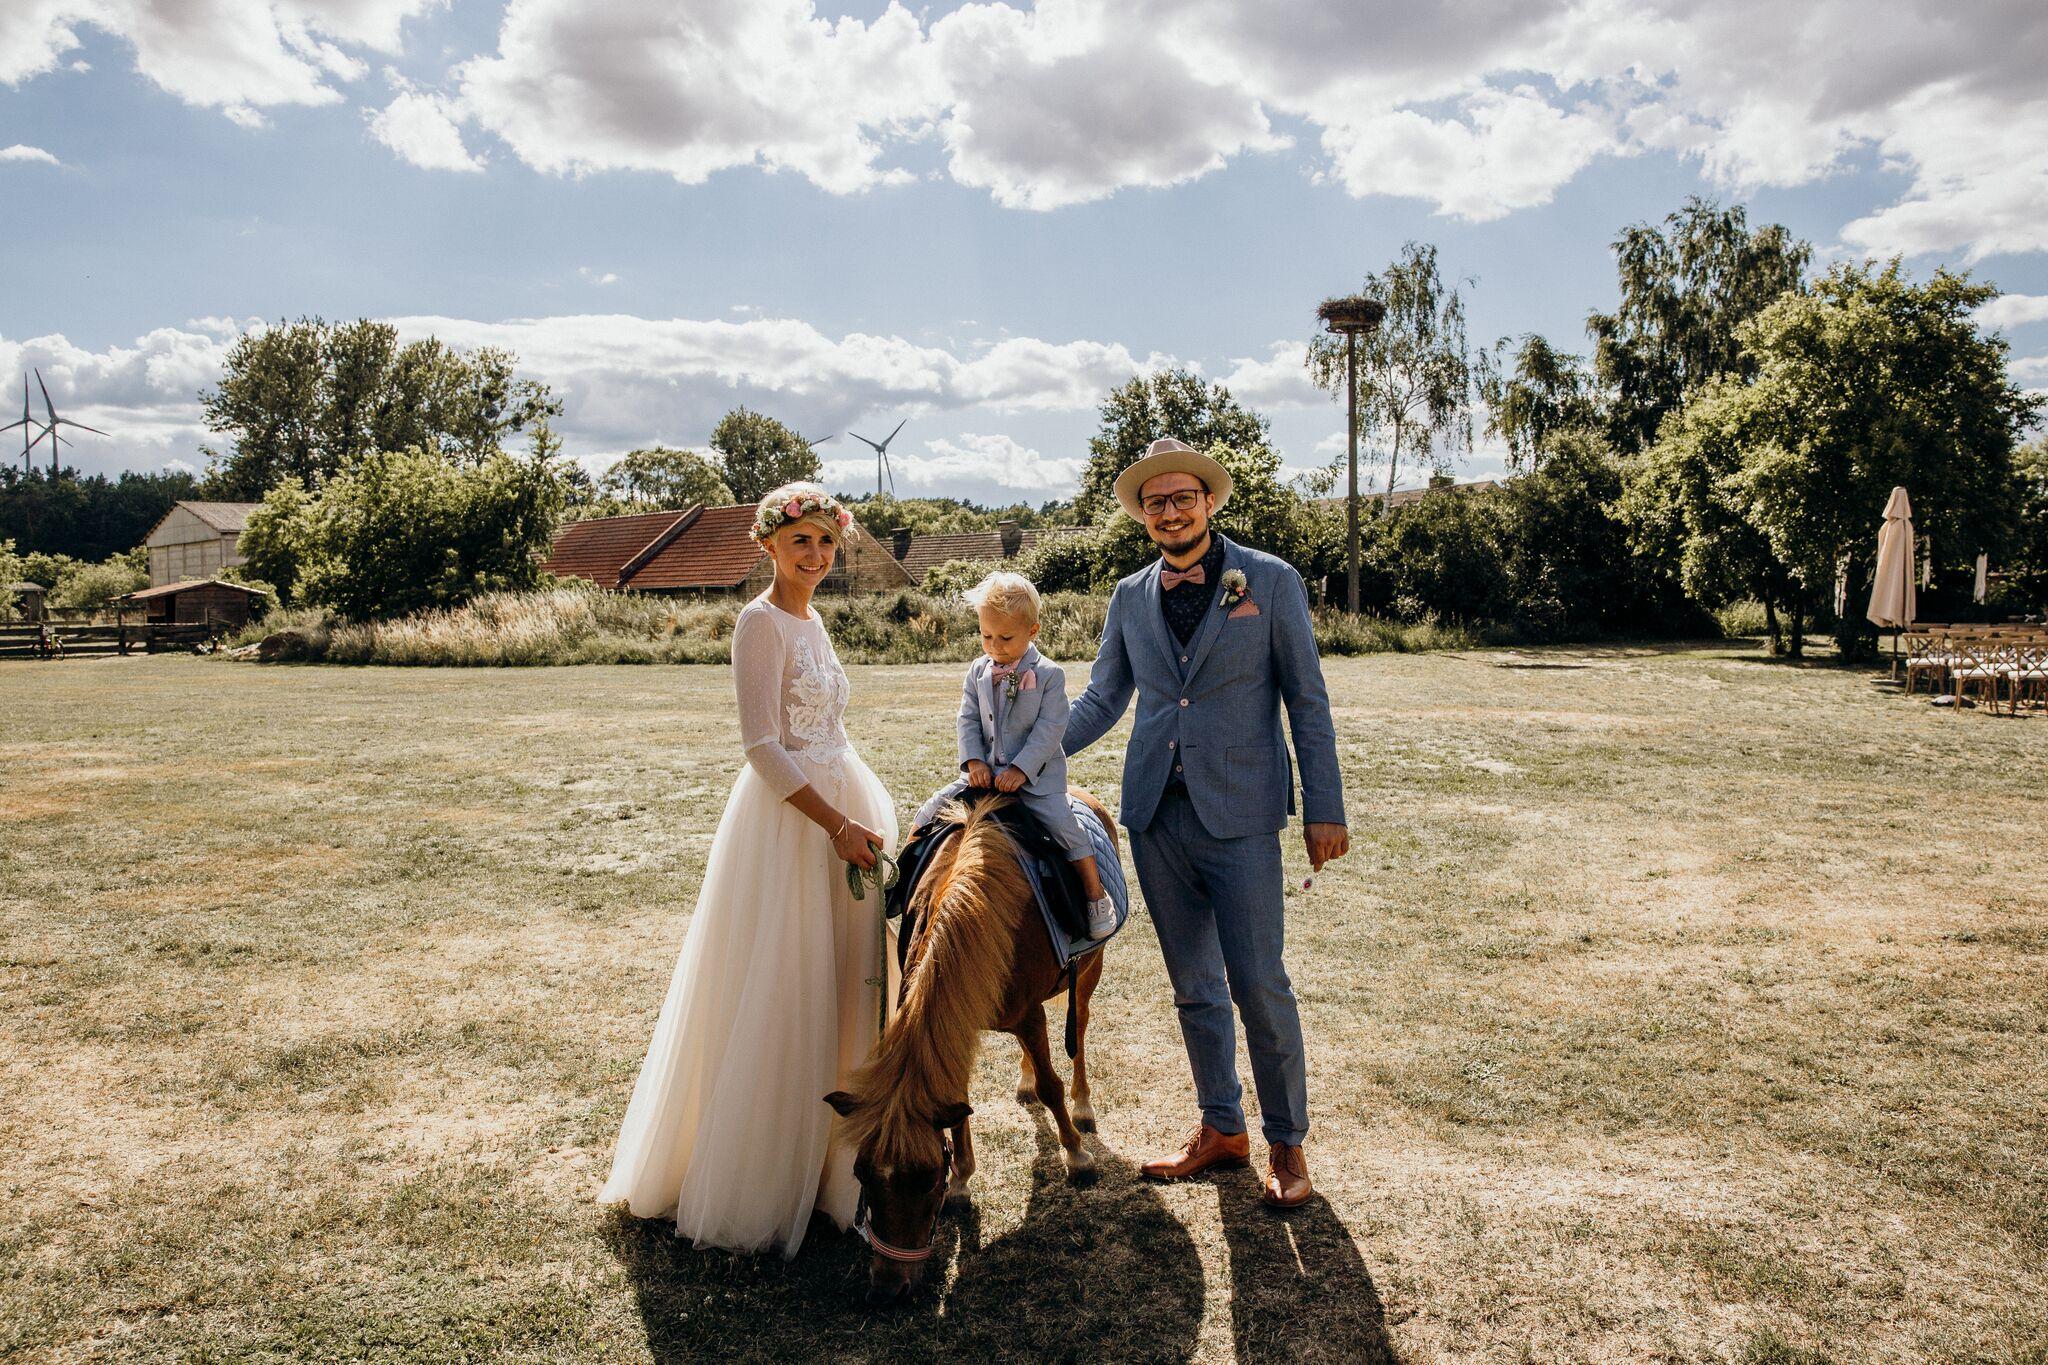 Familie Kölsch mit Pony Susi. Roses Kleid ist von  Mia Lavi,  wird noch ein großes Thema in Teil 2.Der Anzug von Sohn Jasper ist von  h&m und das Einstecktuch und Fliege haben sie passend zu Papa nachnähen lassen. Roberts Anzug ist von  Just for Boys  und der Hut von  Hut Styler.